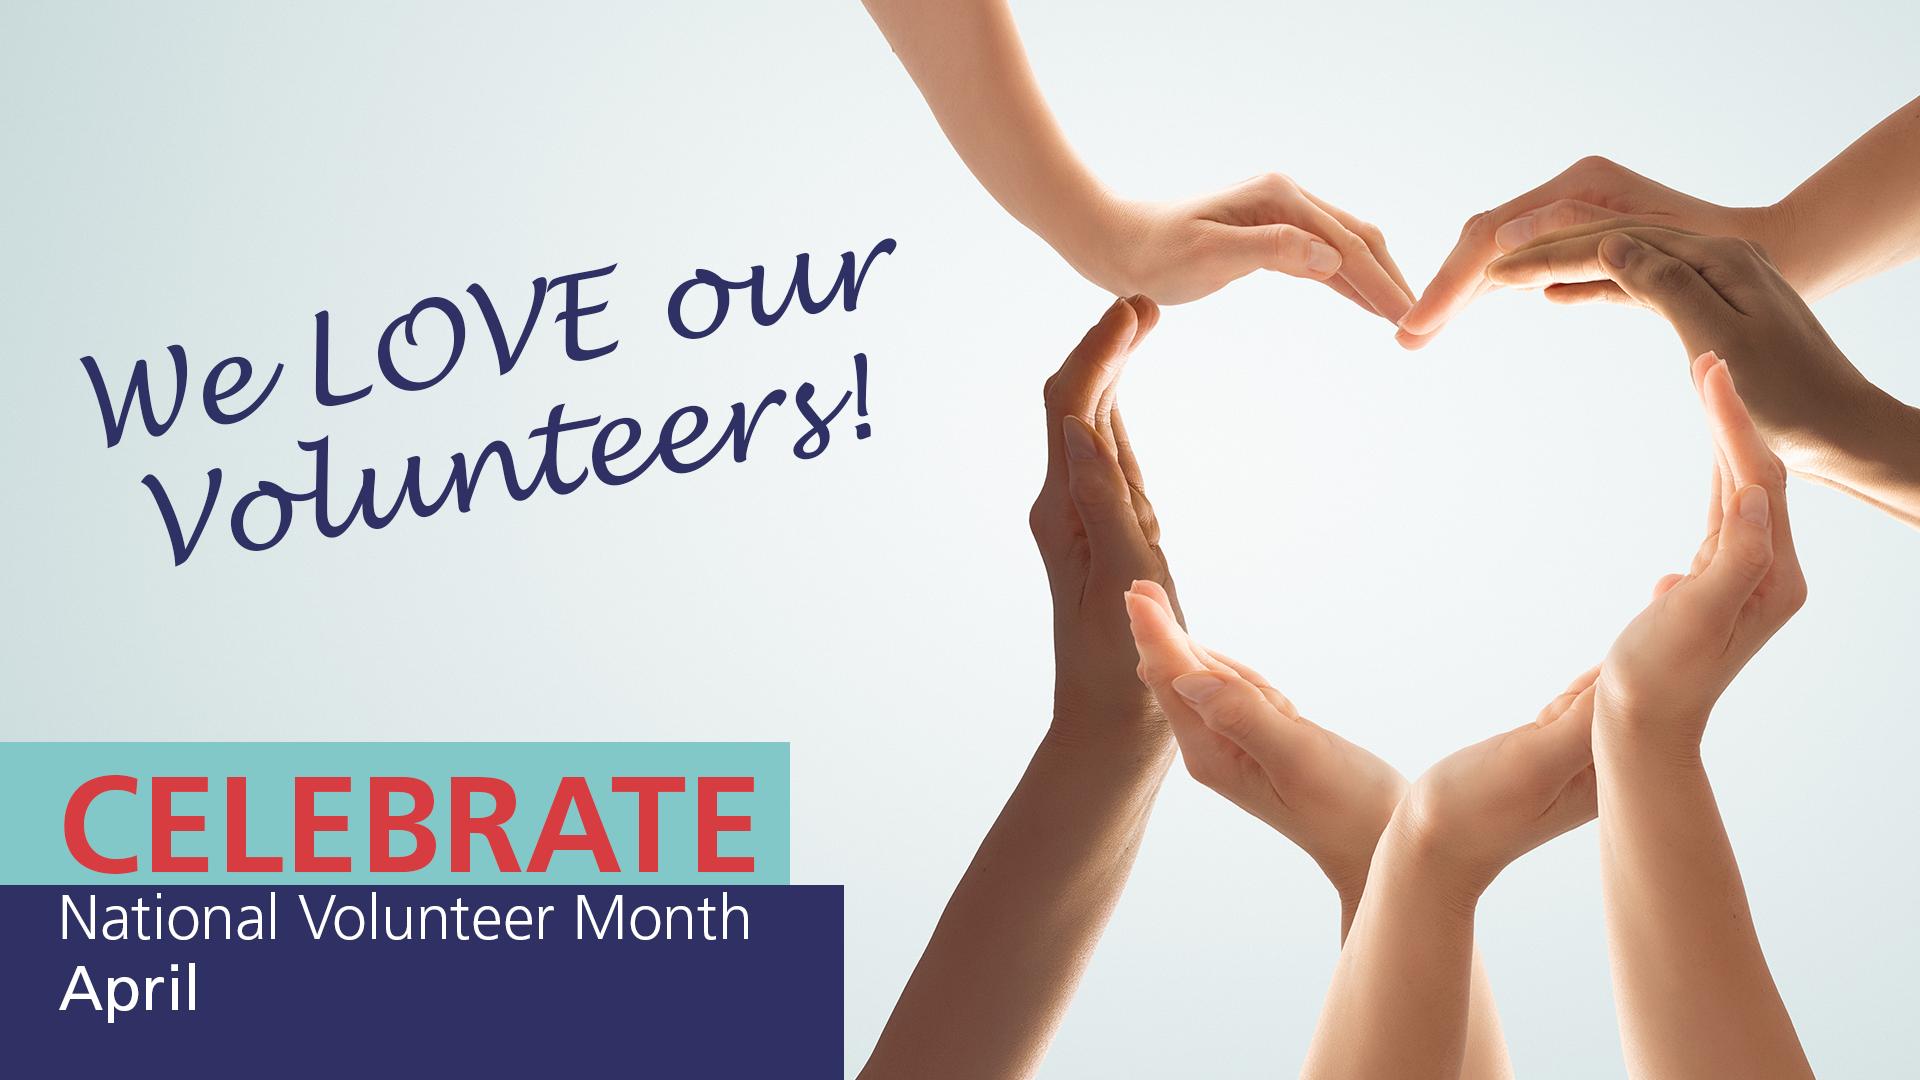 Announcement National Week Month Volunteer - We Love Our Volunteers. It's National Volunteer Month!